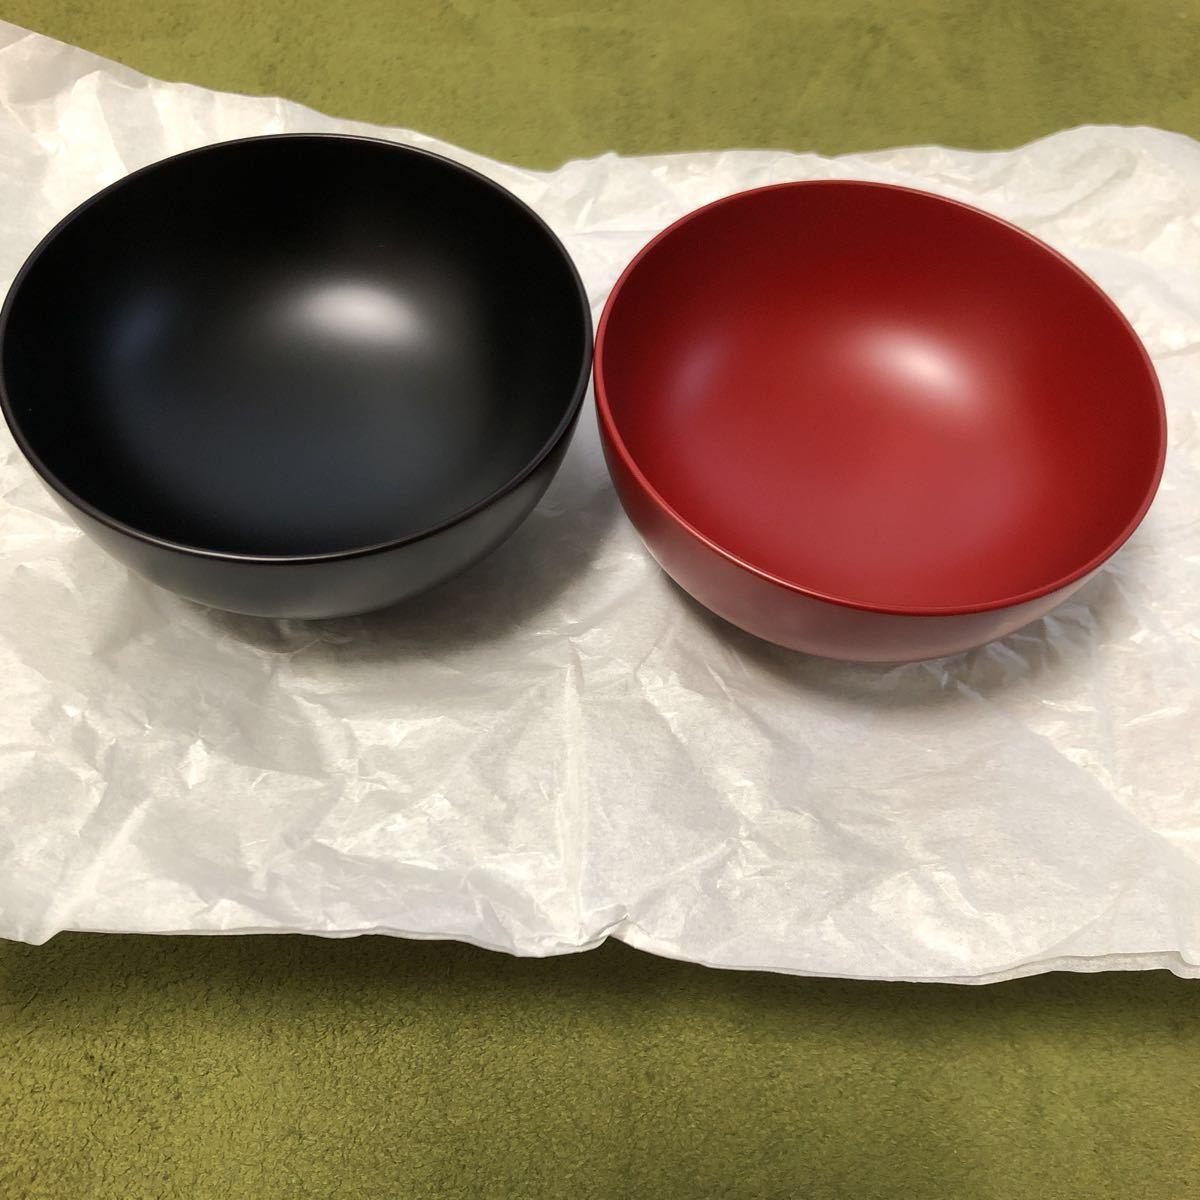 浄法寺塗 夫婦汁椀 うるみ工芸_画像3